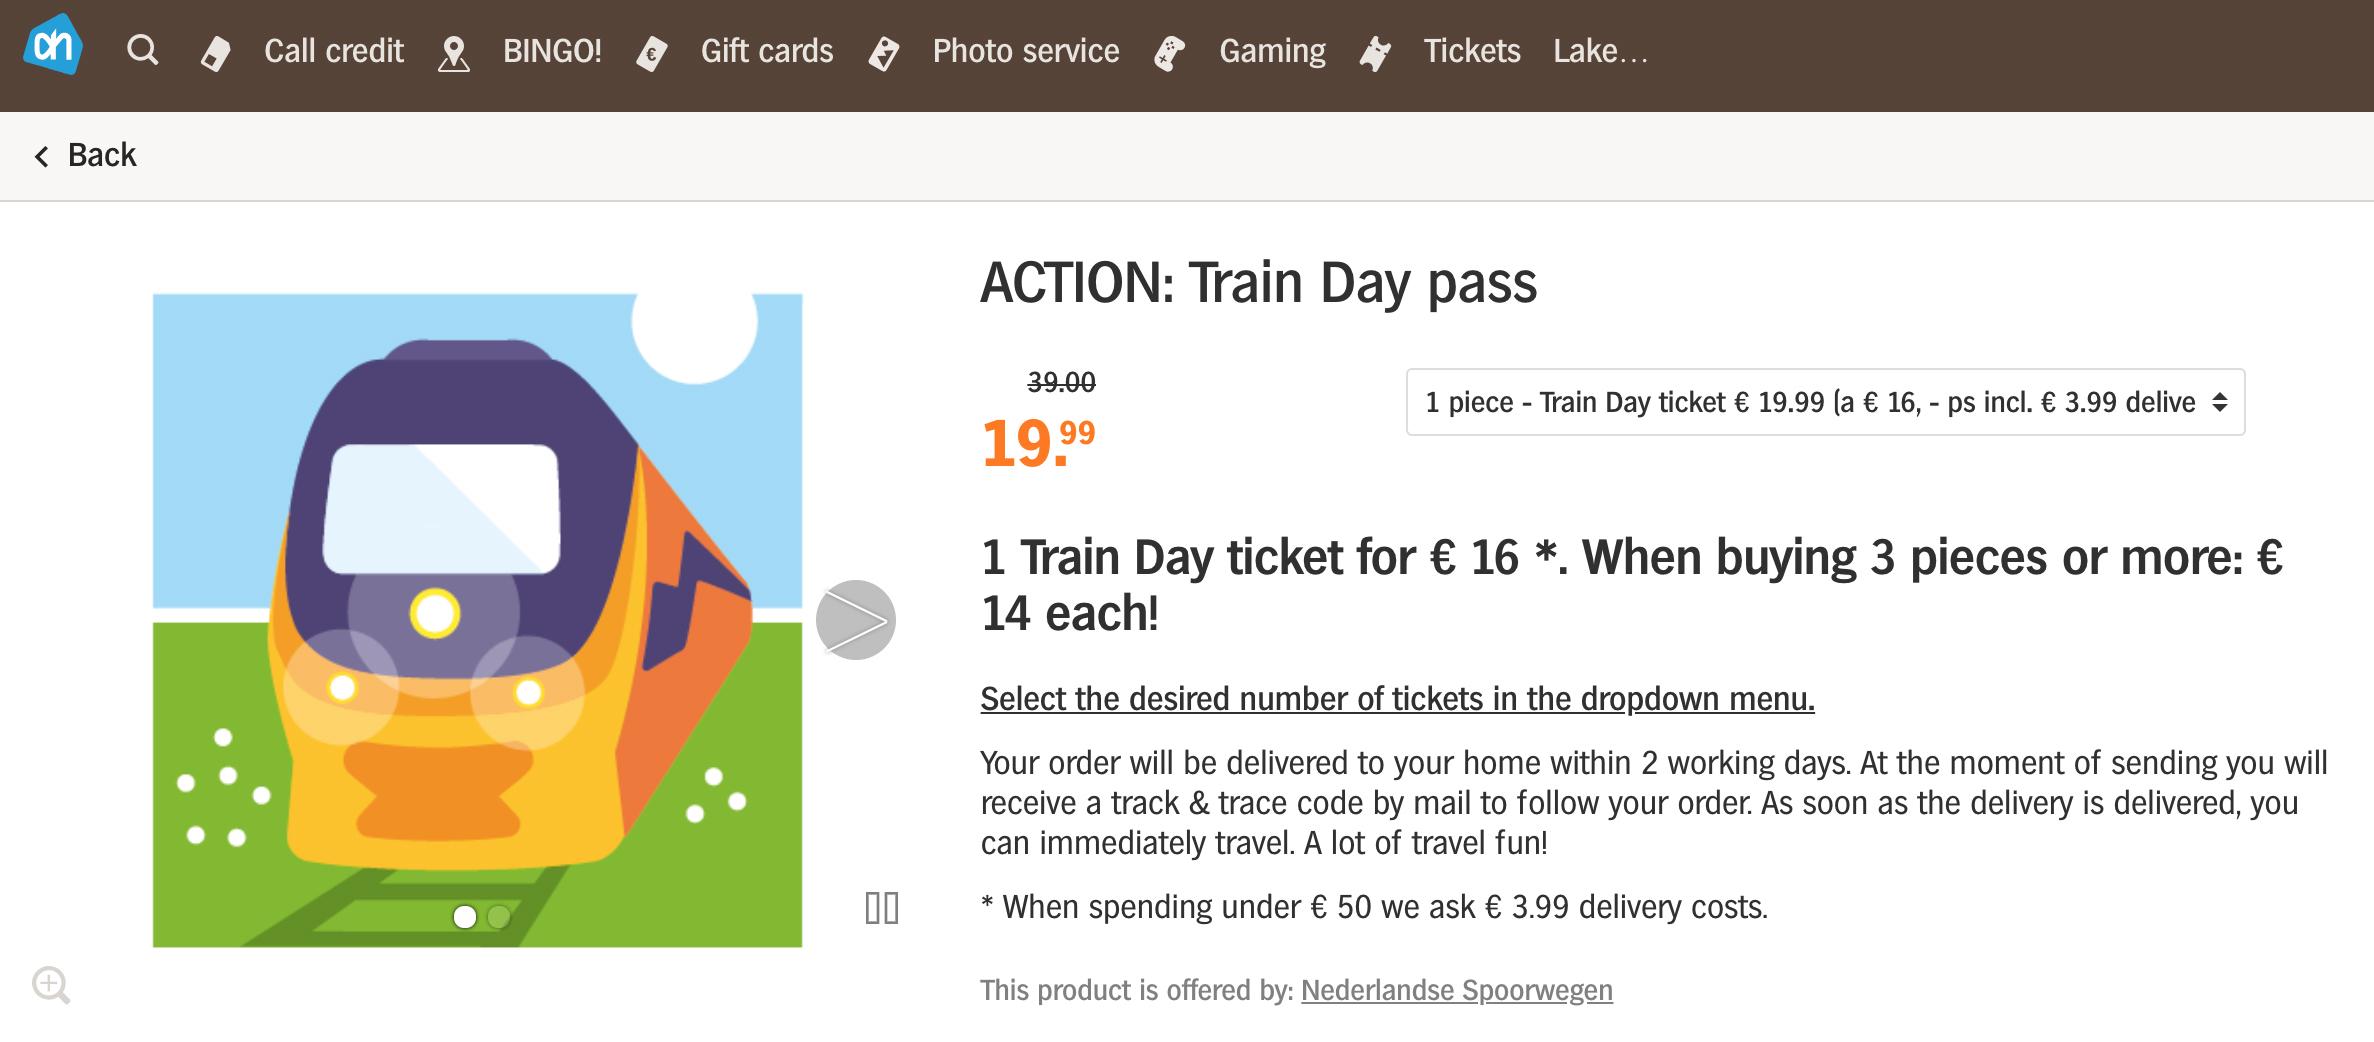 알버트하인에서 10월 14일까지 기차 일일무한 여행티켓이 16유로!